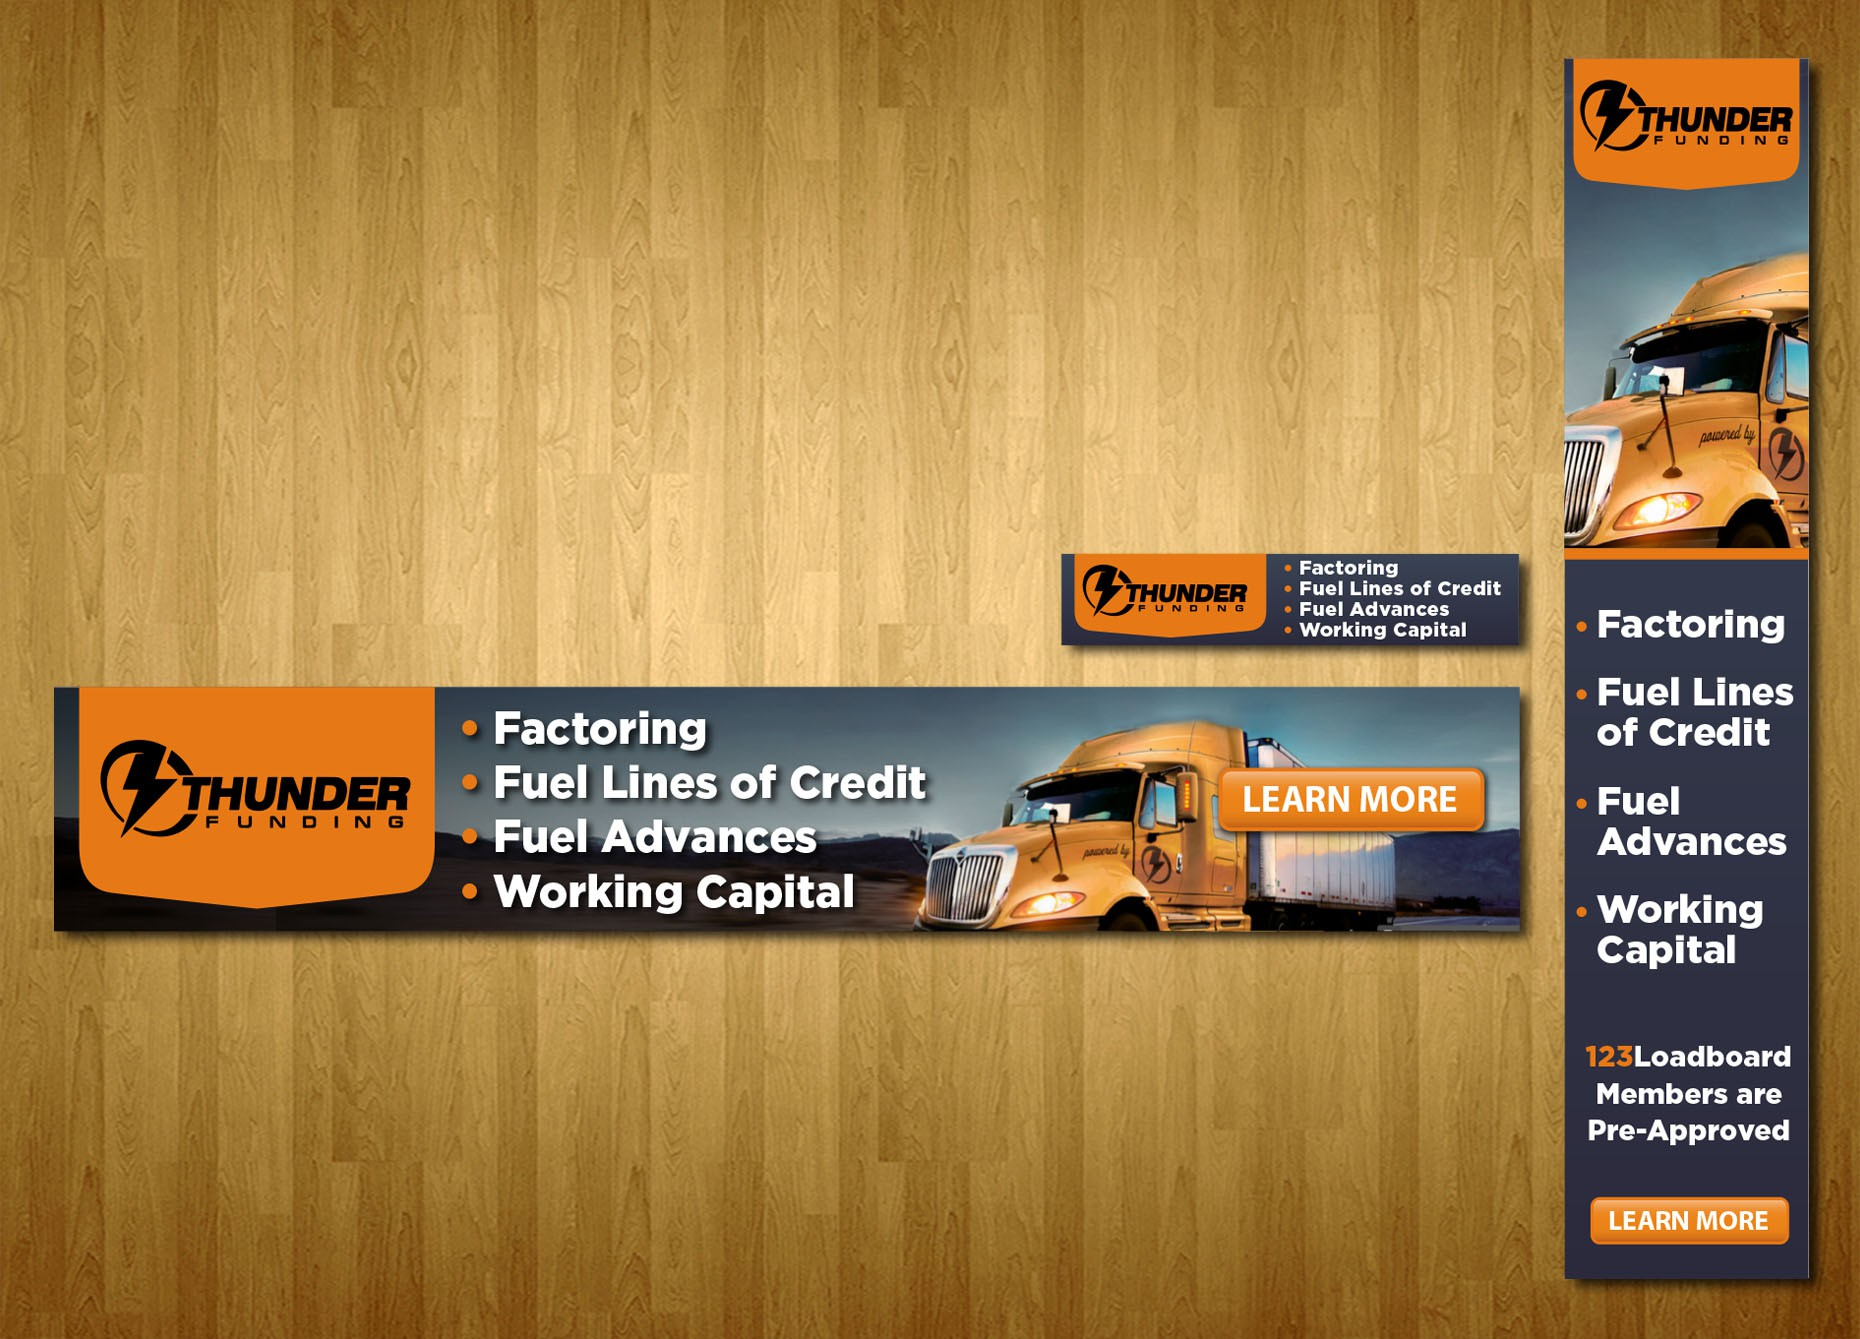 Thunder Funding Banner Ads